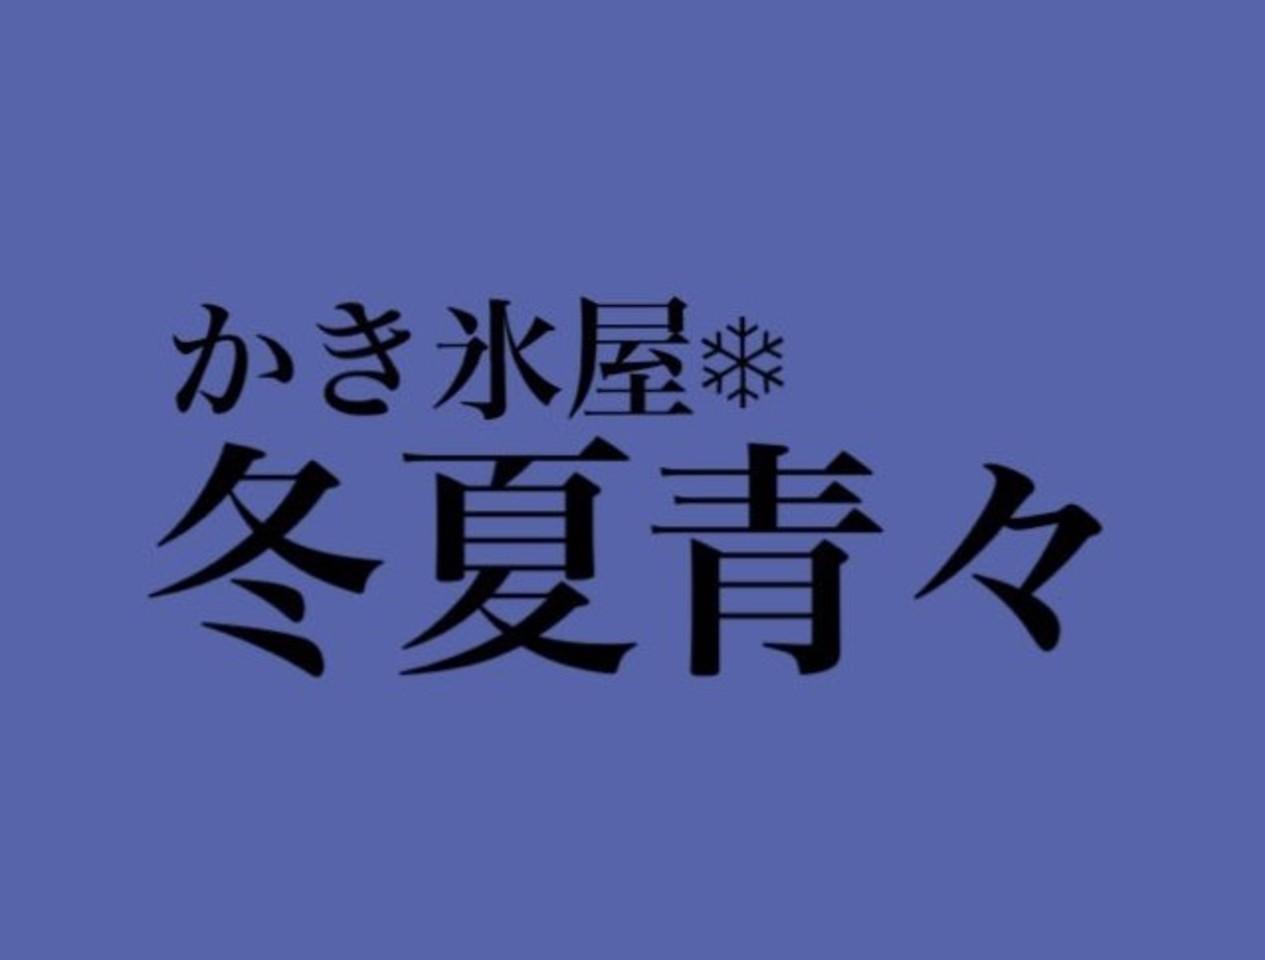 間借り新店!東京都江東区亀戸にかき氷屋『冬夏青々』4/20オープン